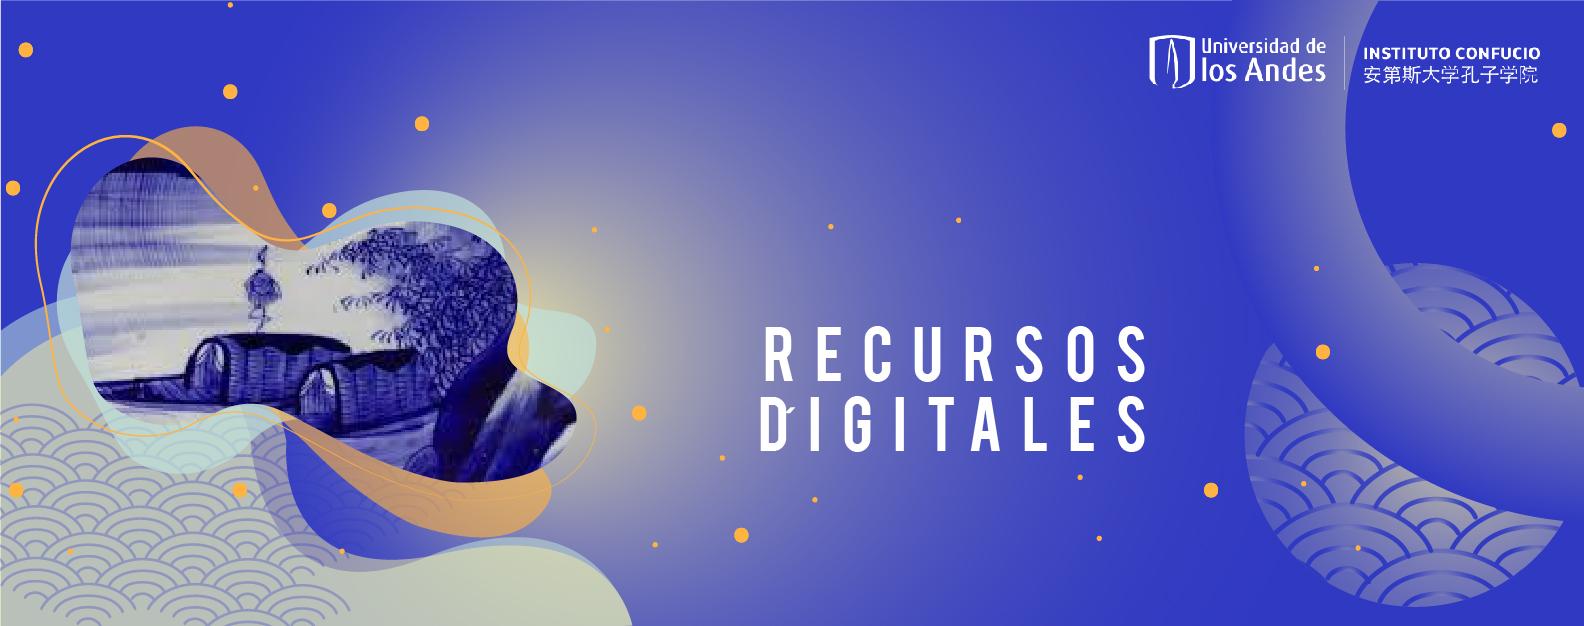 Banner Recursos Digitales Azul